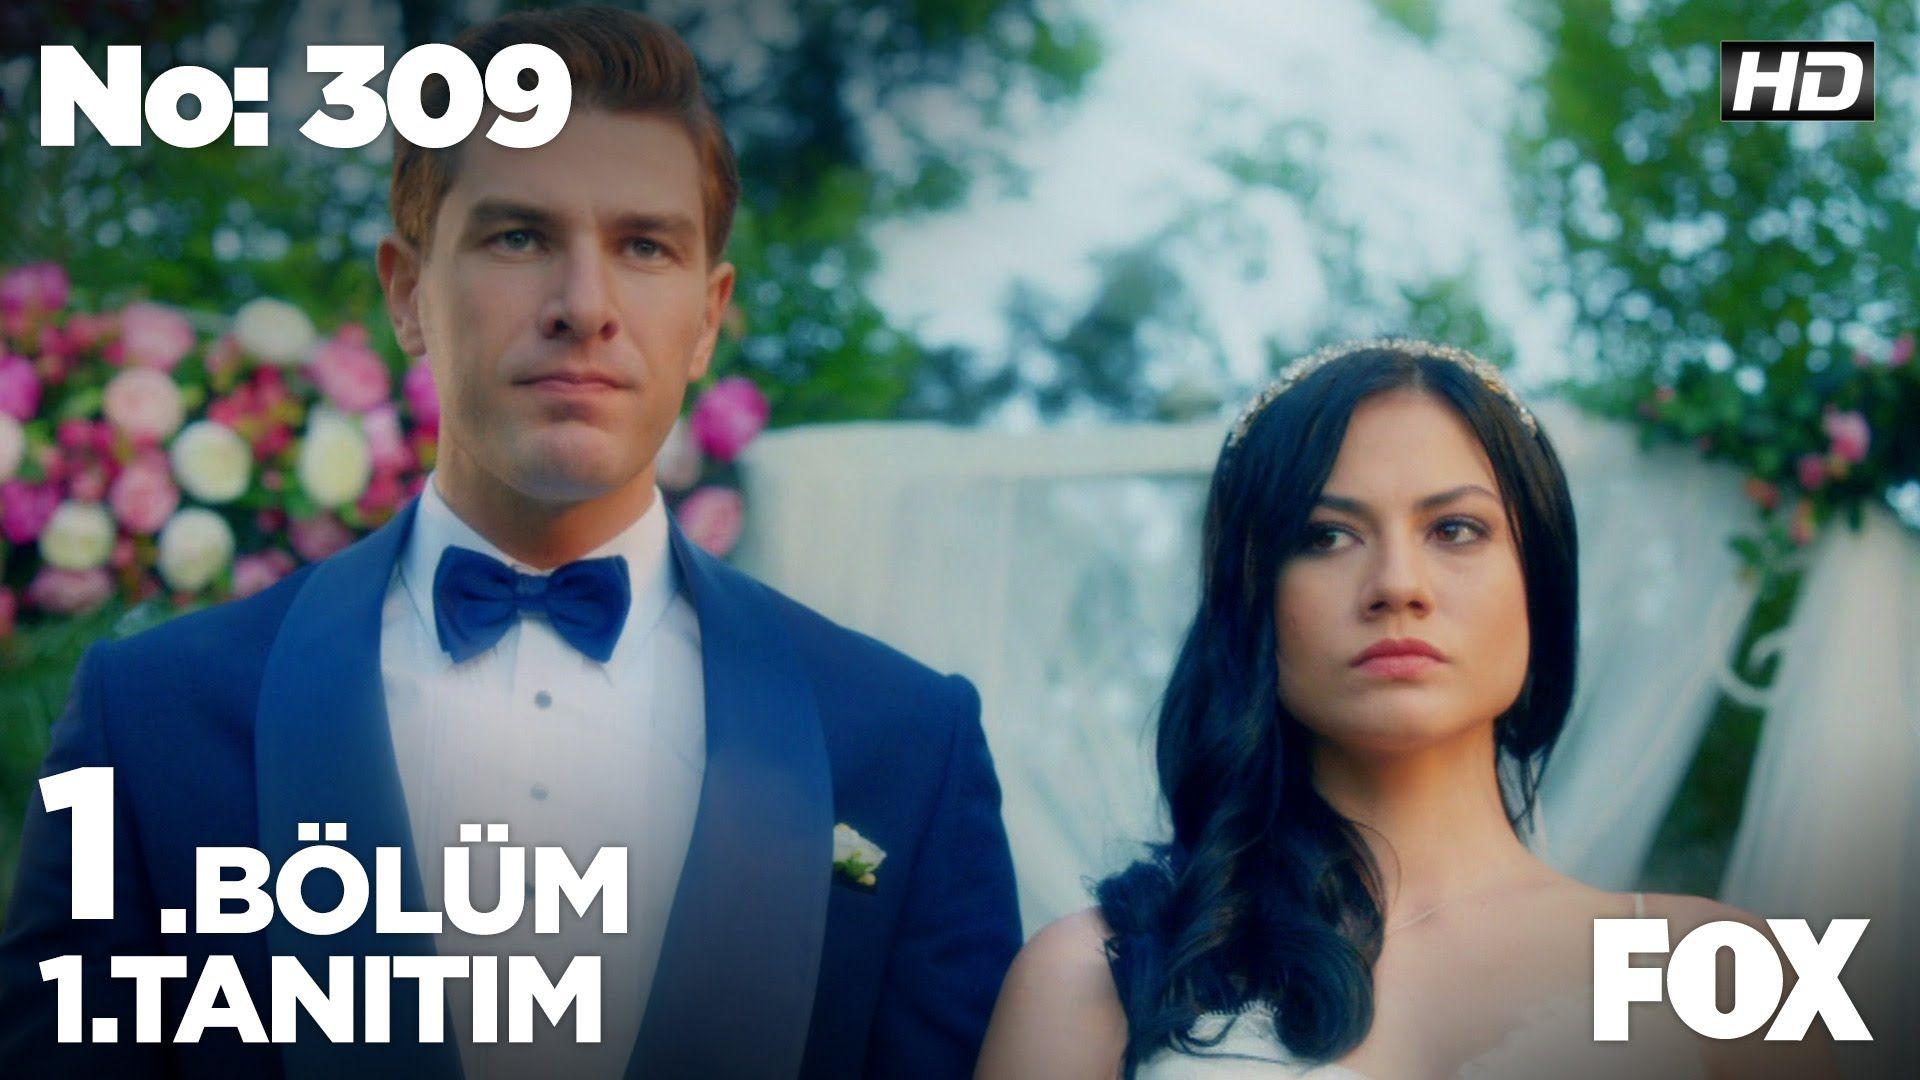 No 309 1 Bolum 1 Tanitimi Tv